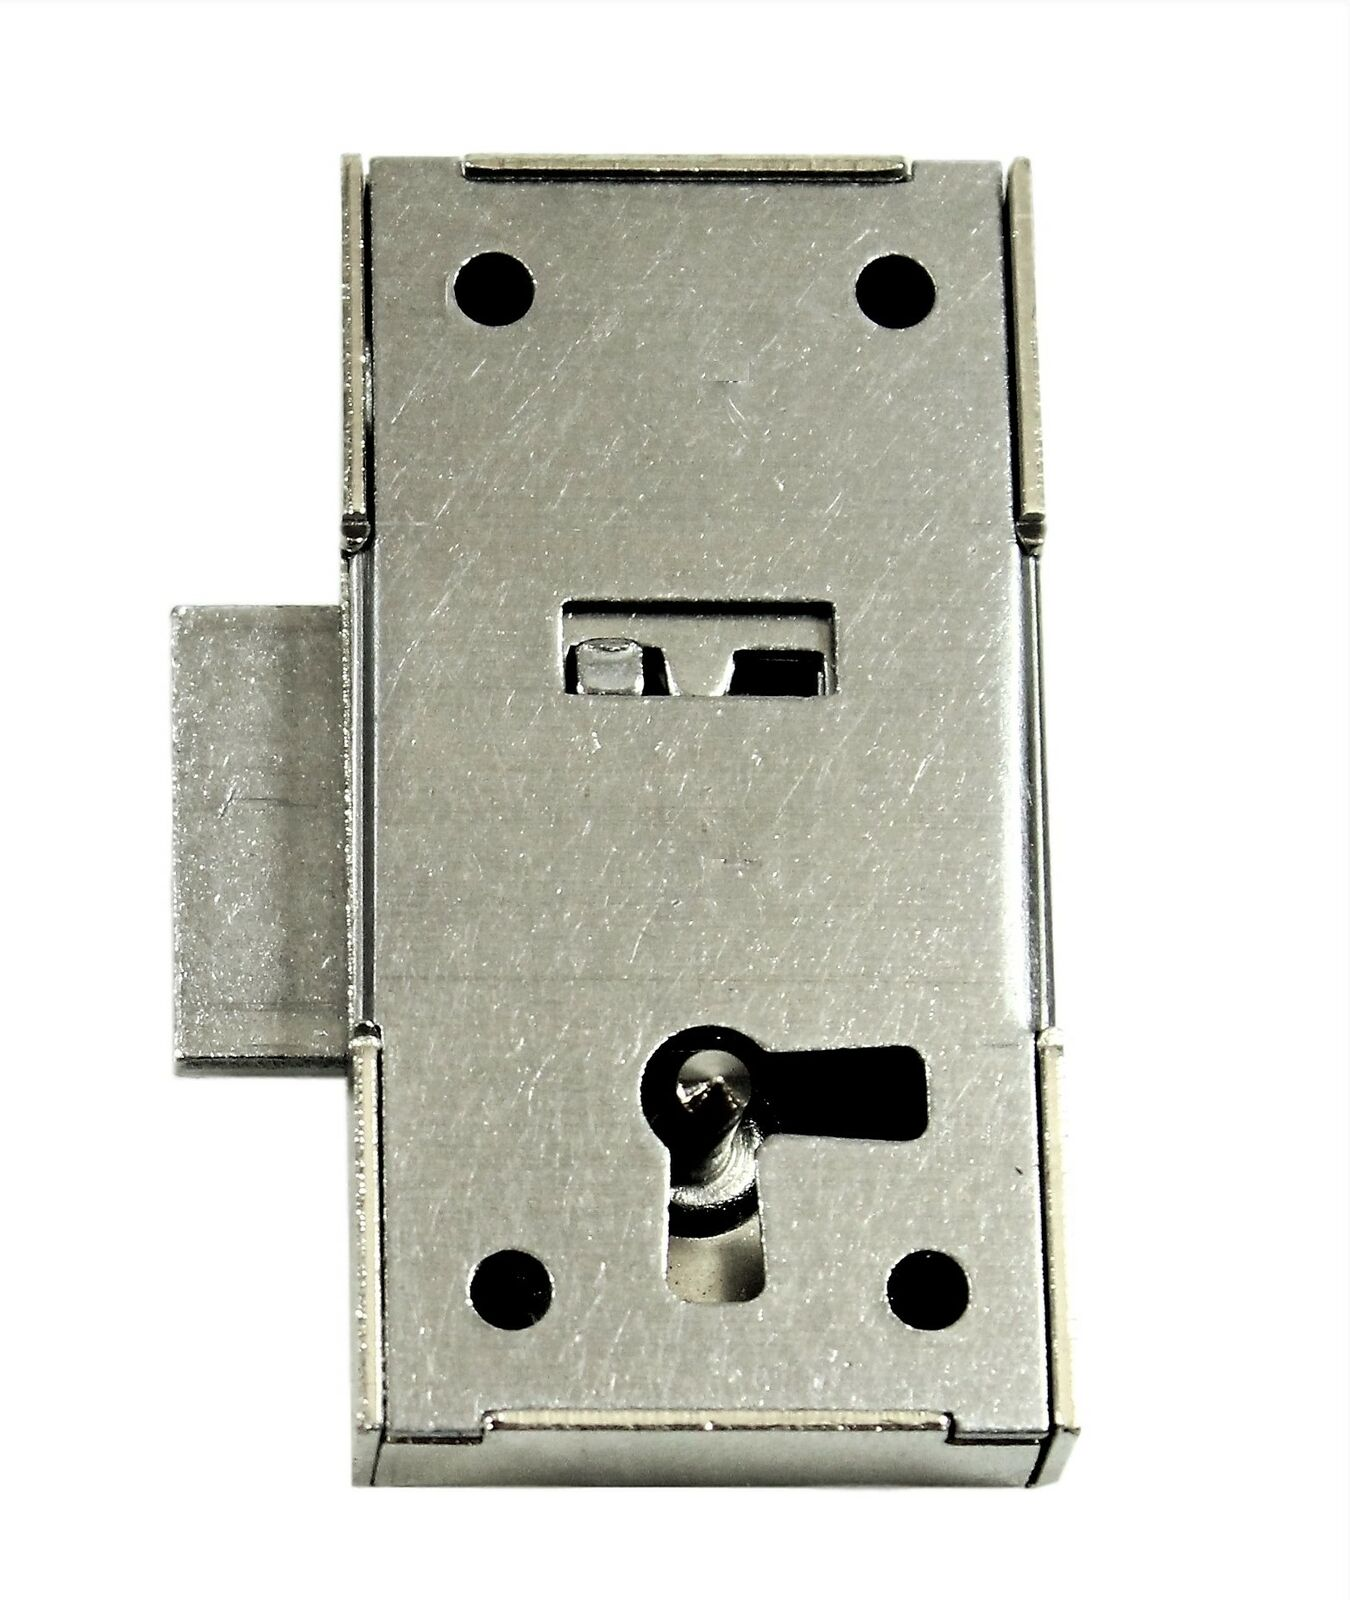 1 Schrankschloss M/öbelschloss Aufschraubschloss Metall vernickelt 15mm mit Schl/üssel